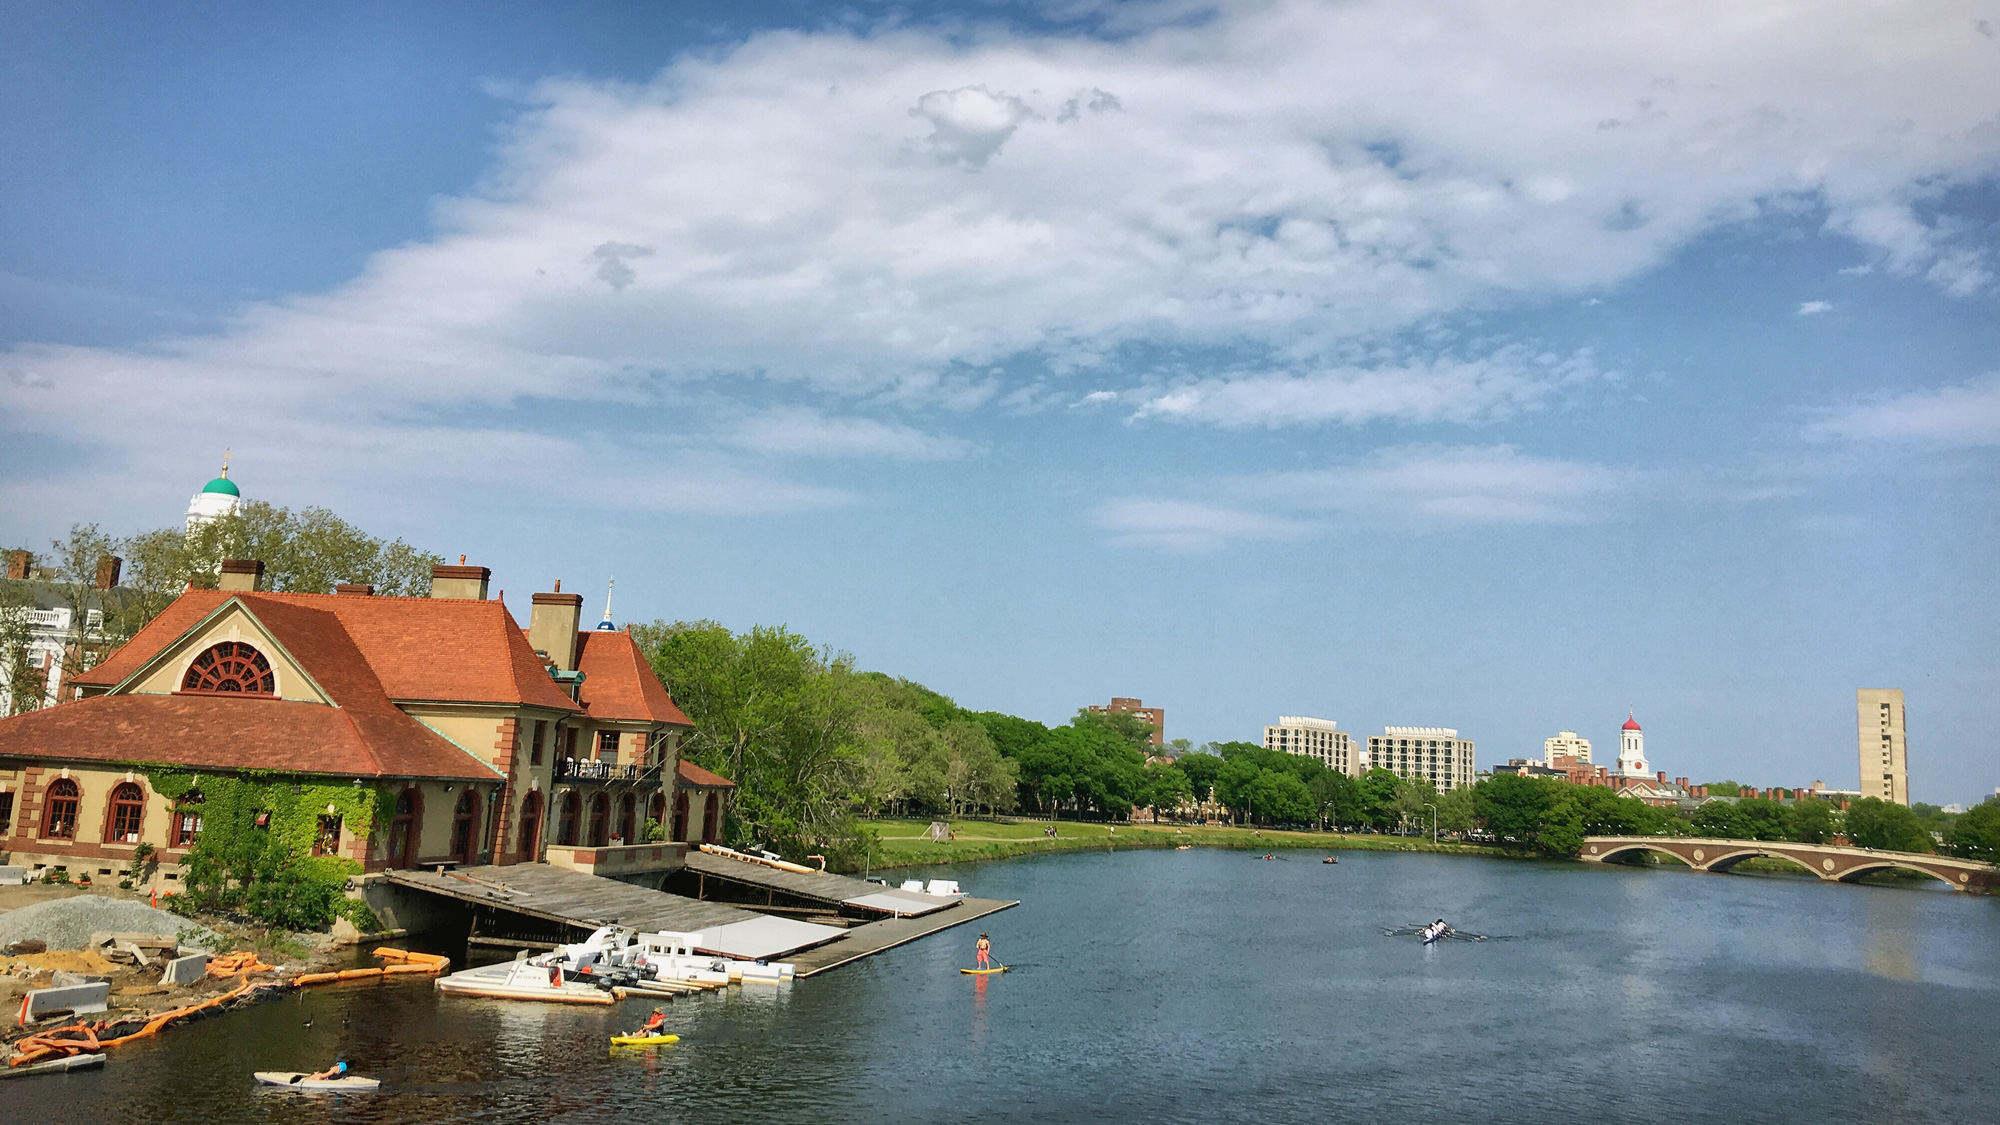 查尔斯河,以及哈佛校园,这个建筑是赛艇码头